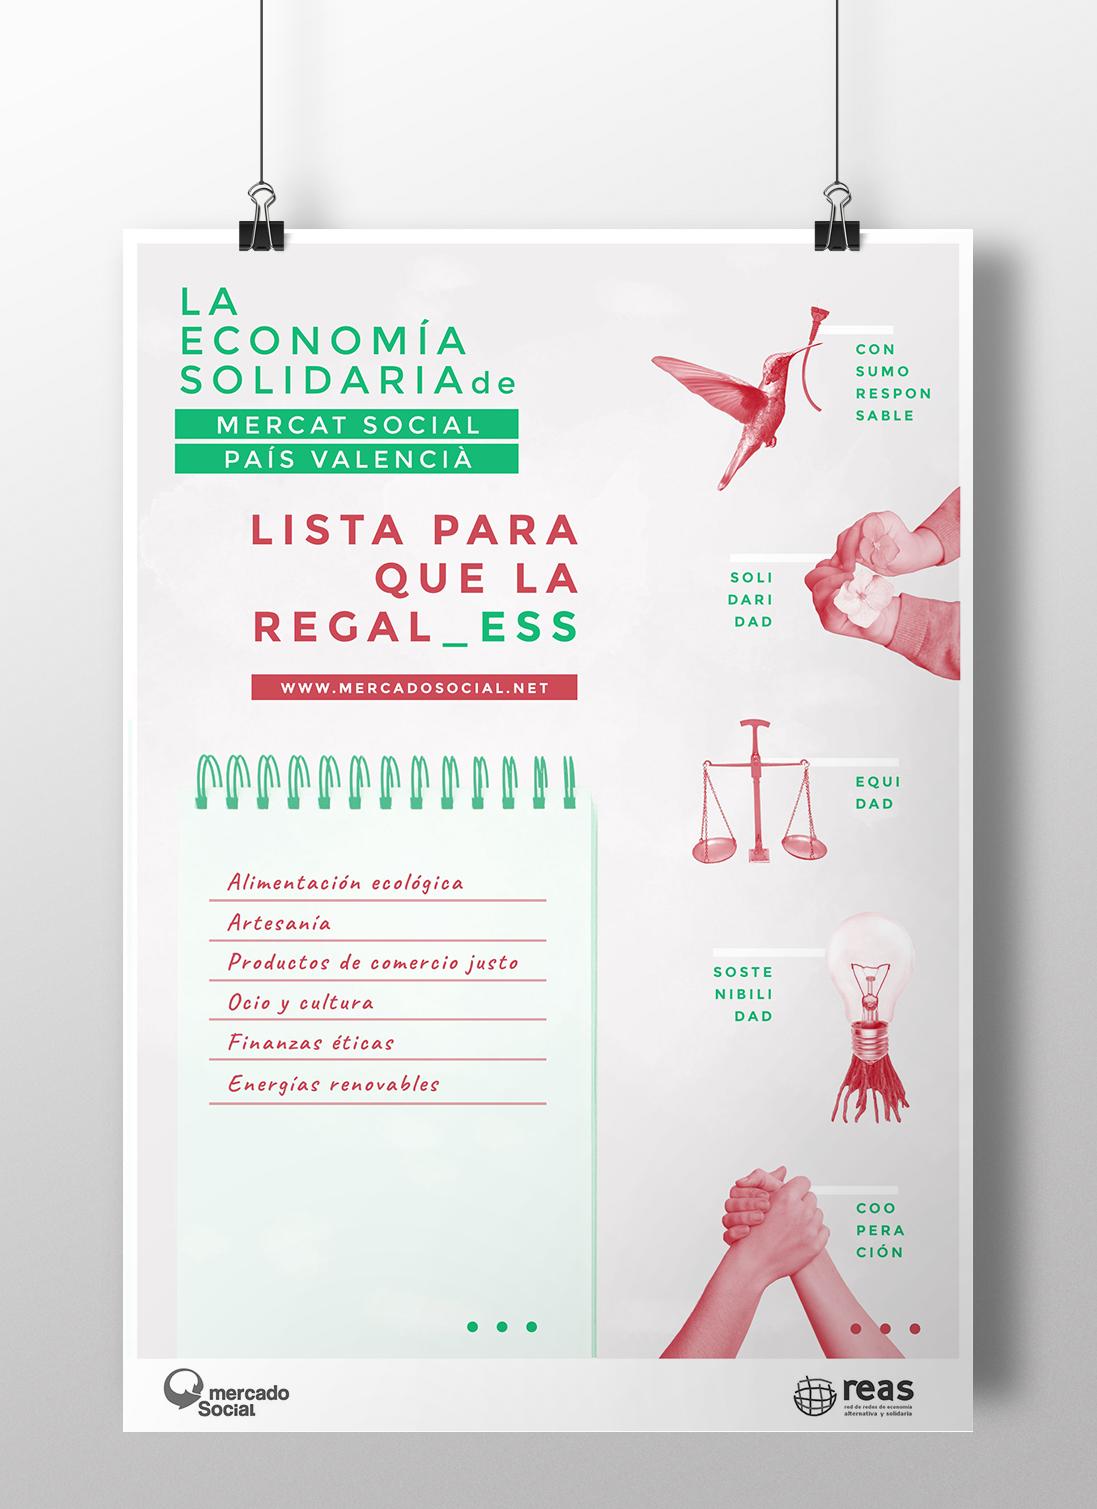 Campaña diseño gráfico compra responsable en Navidad